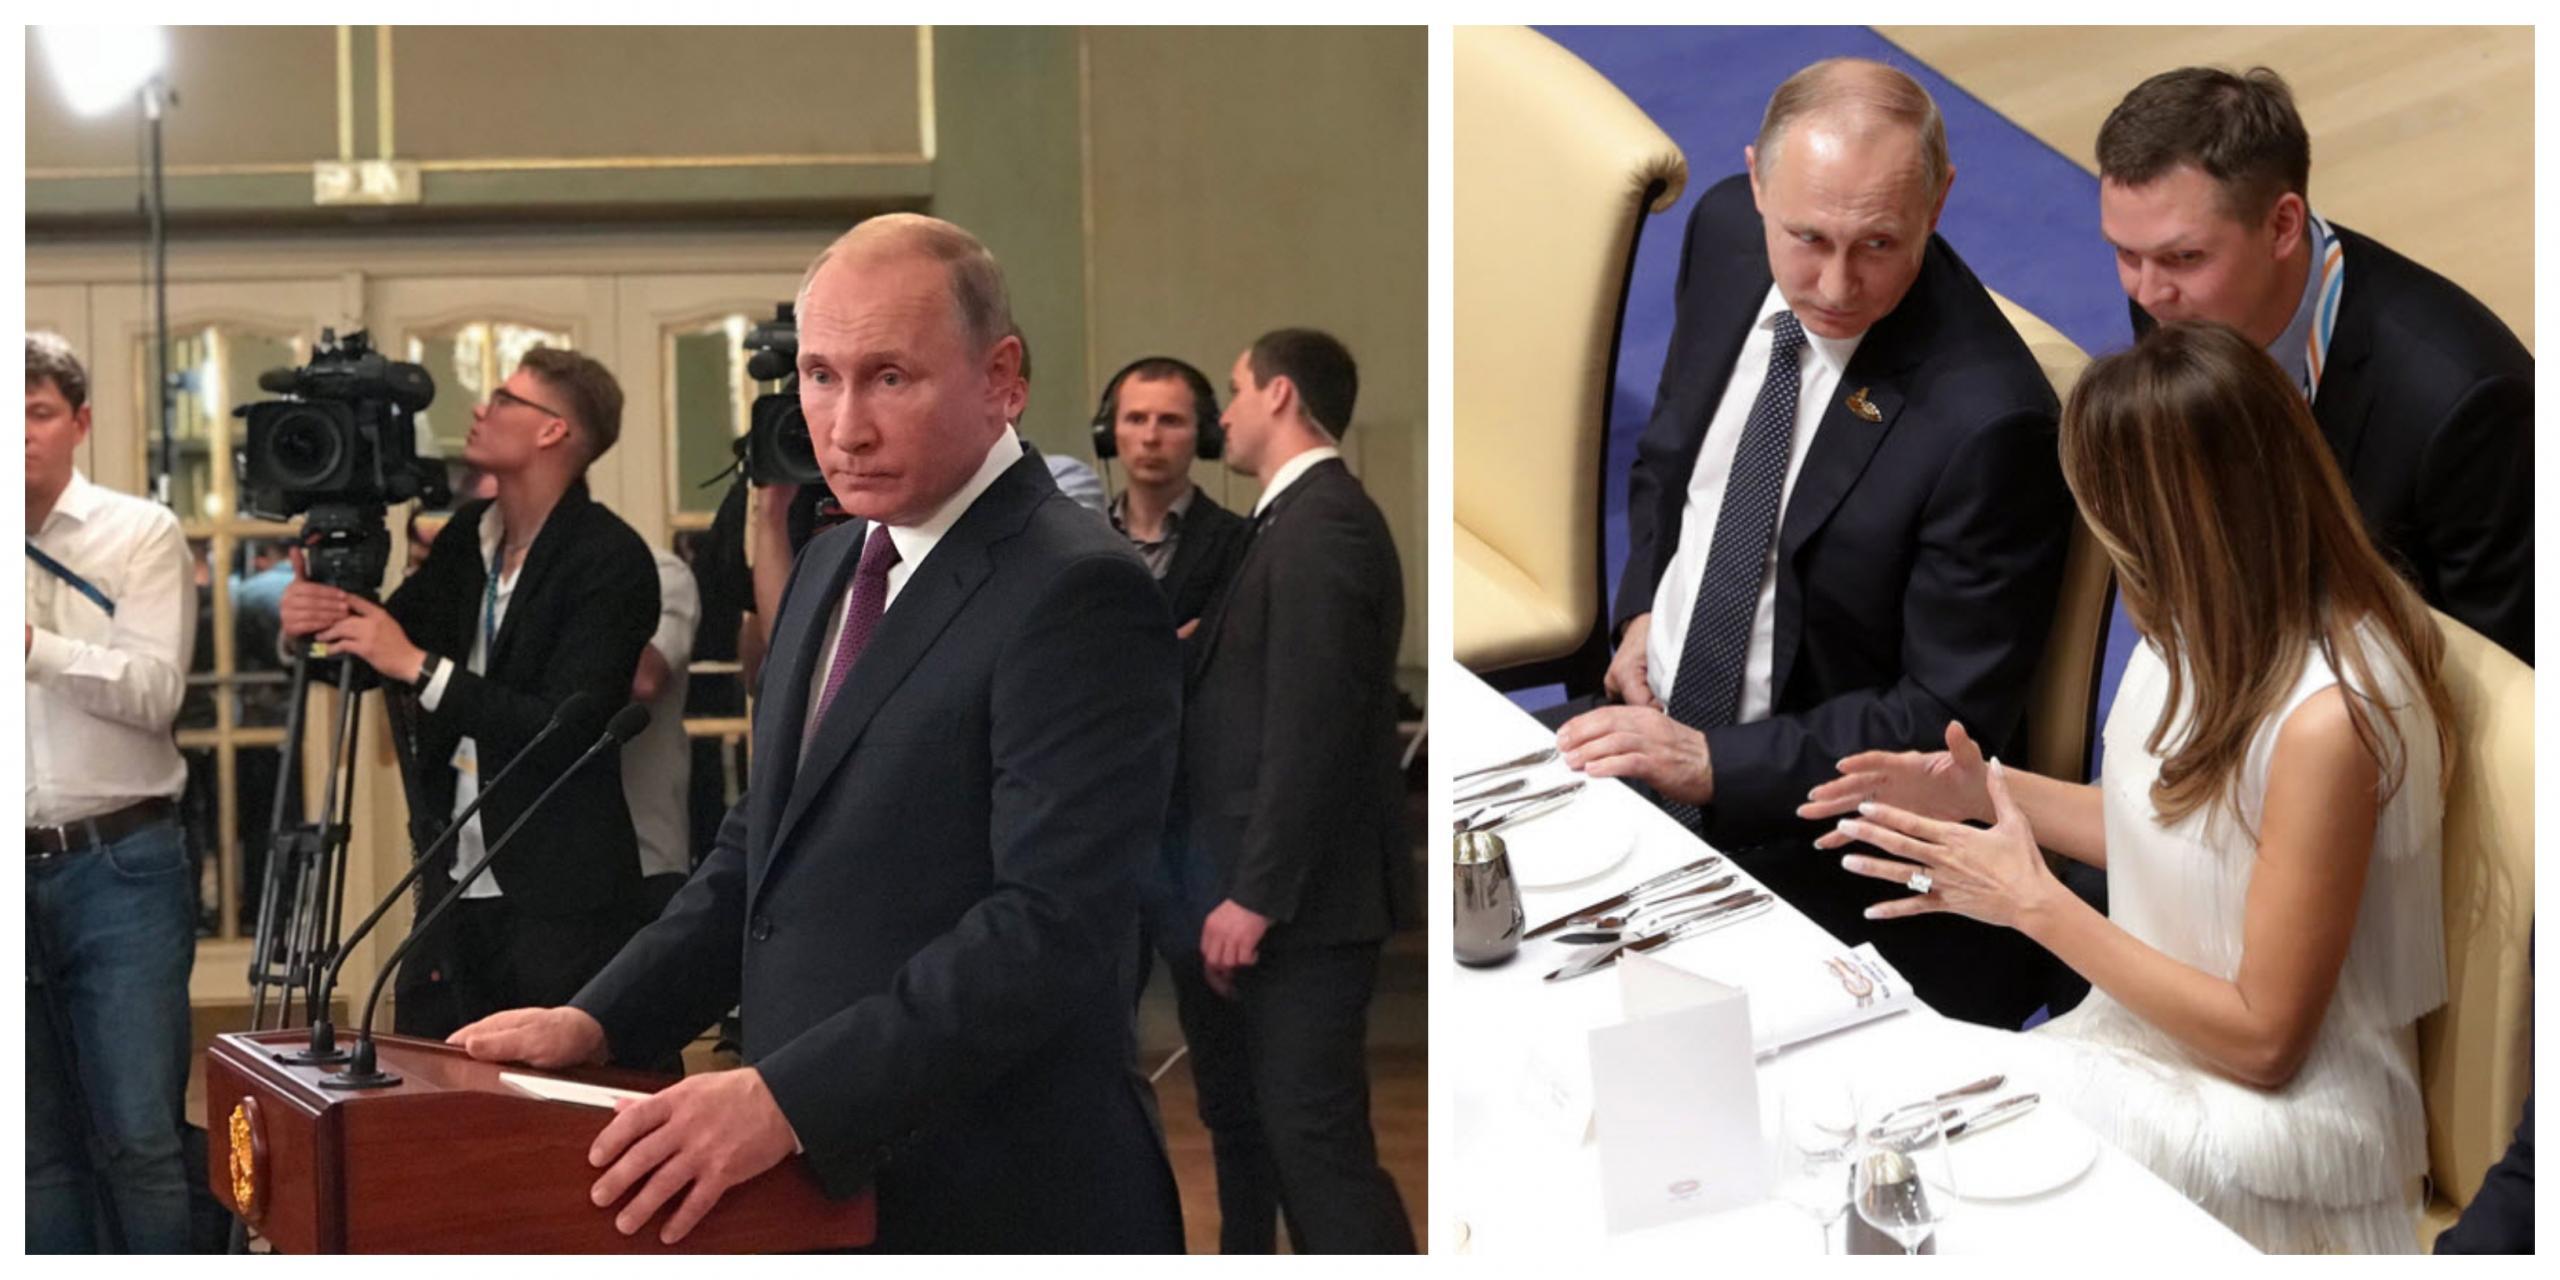 Putin na novinarski konferenci po vrhu G20 in na slavnostni večerji Vir: Pixsell